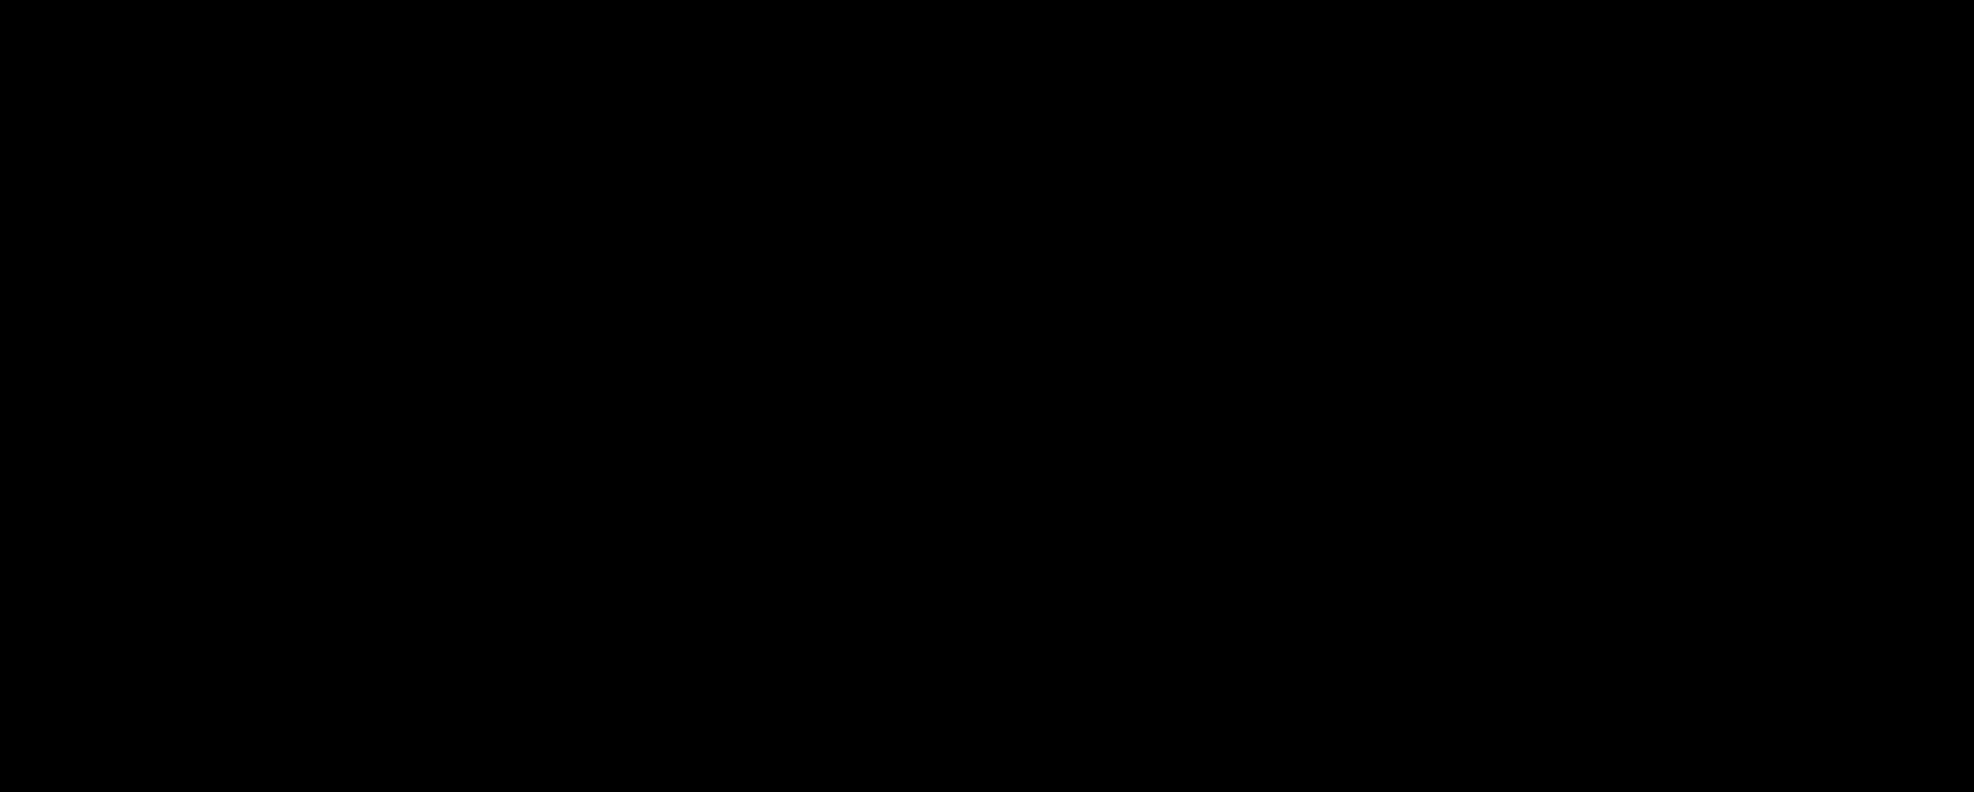 Biotin ethylenediamine hydrobromide